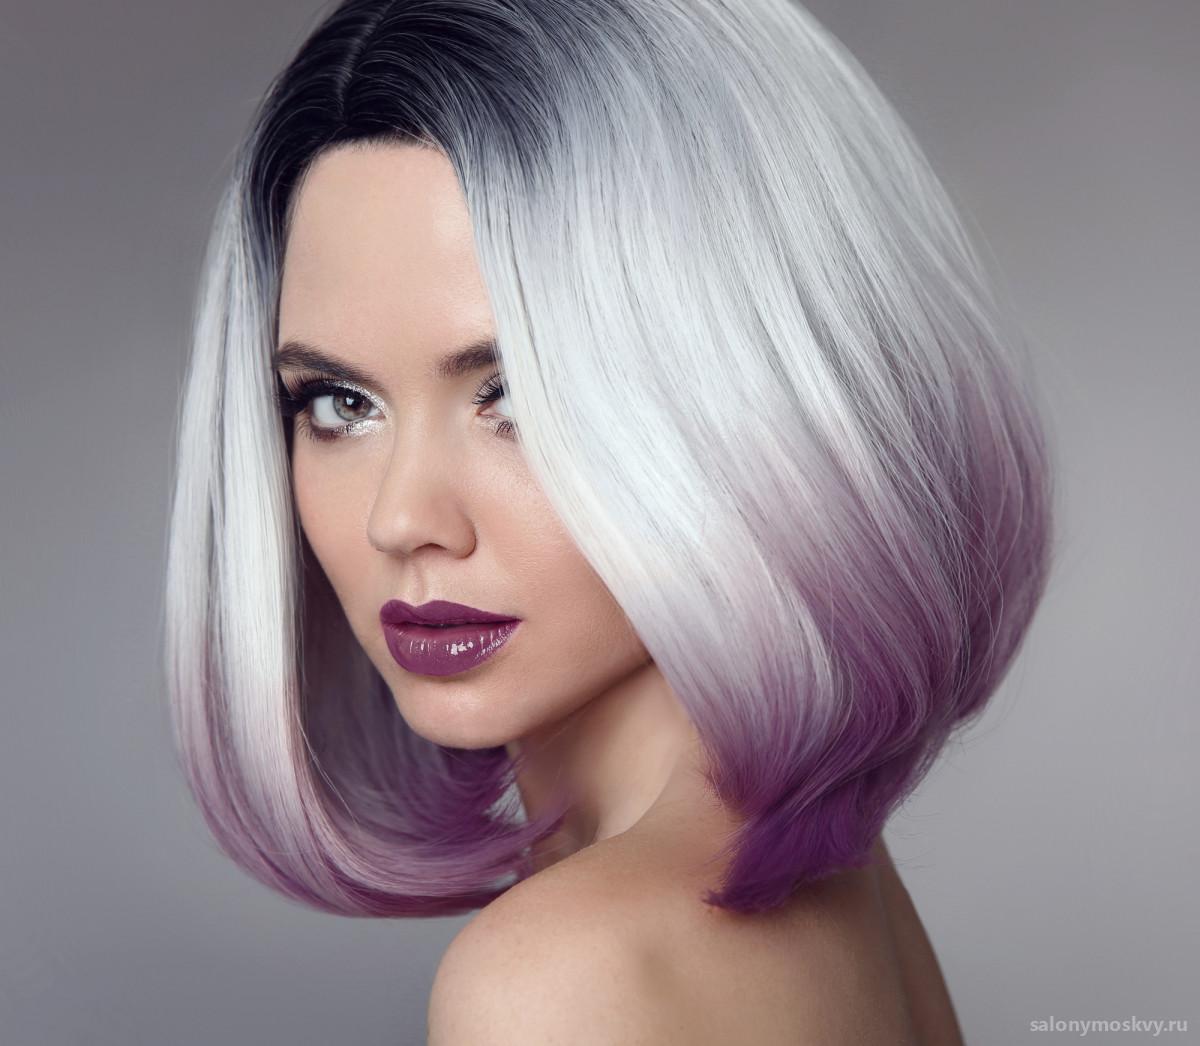 Солнце в волосах: поговорим о двухцветном окрашивании волос